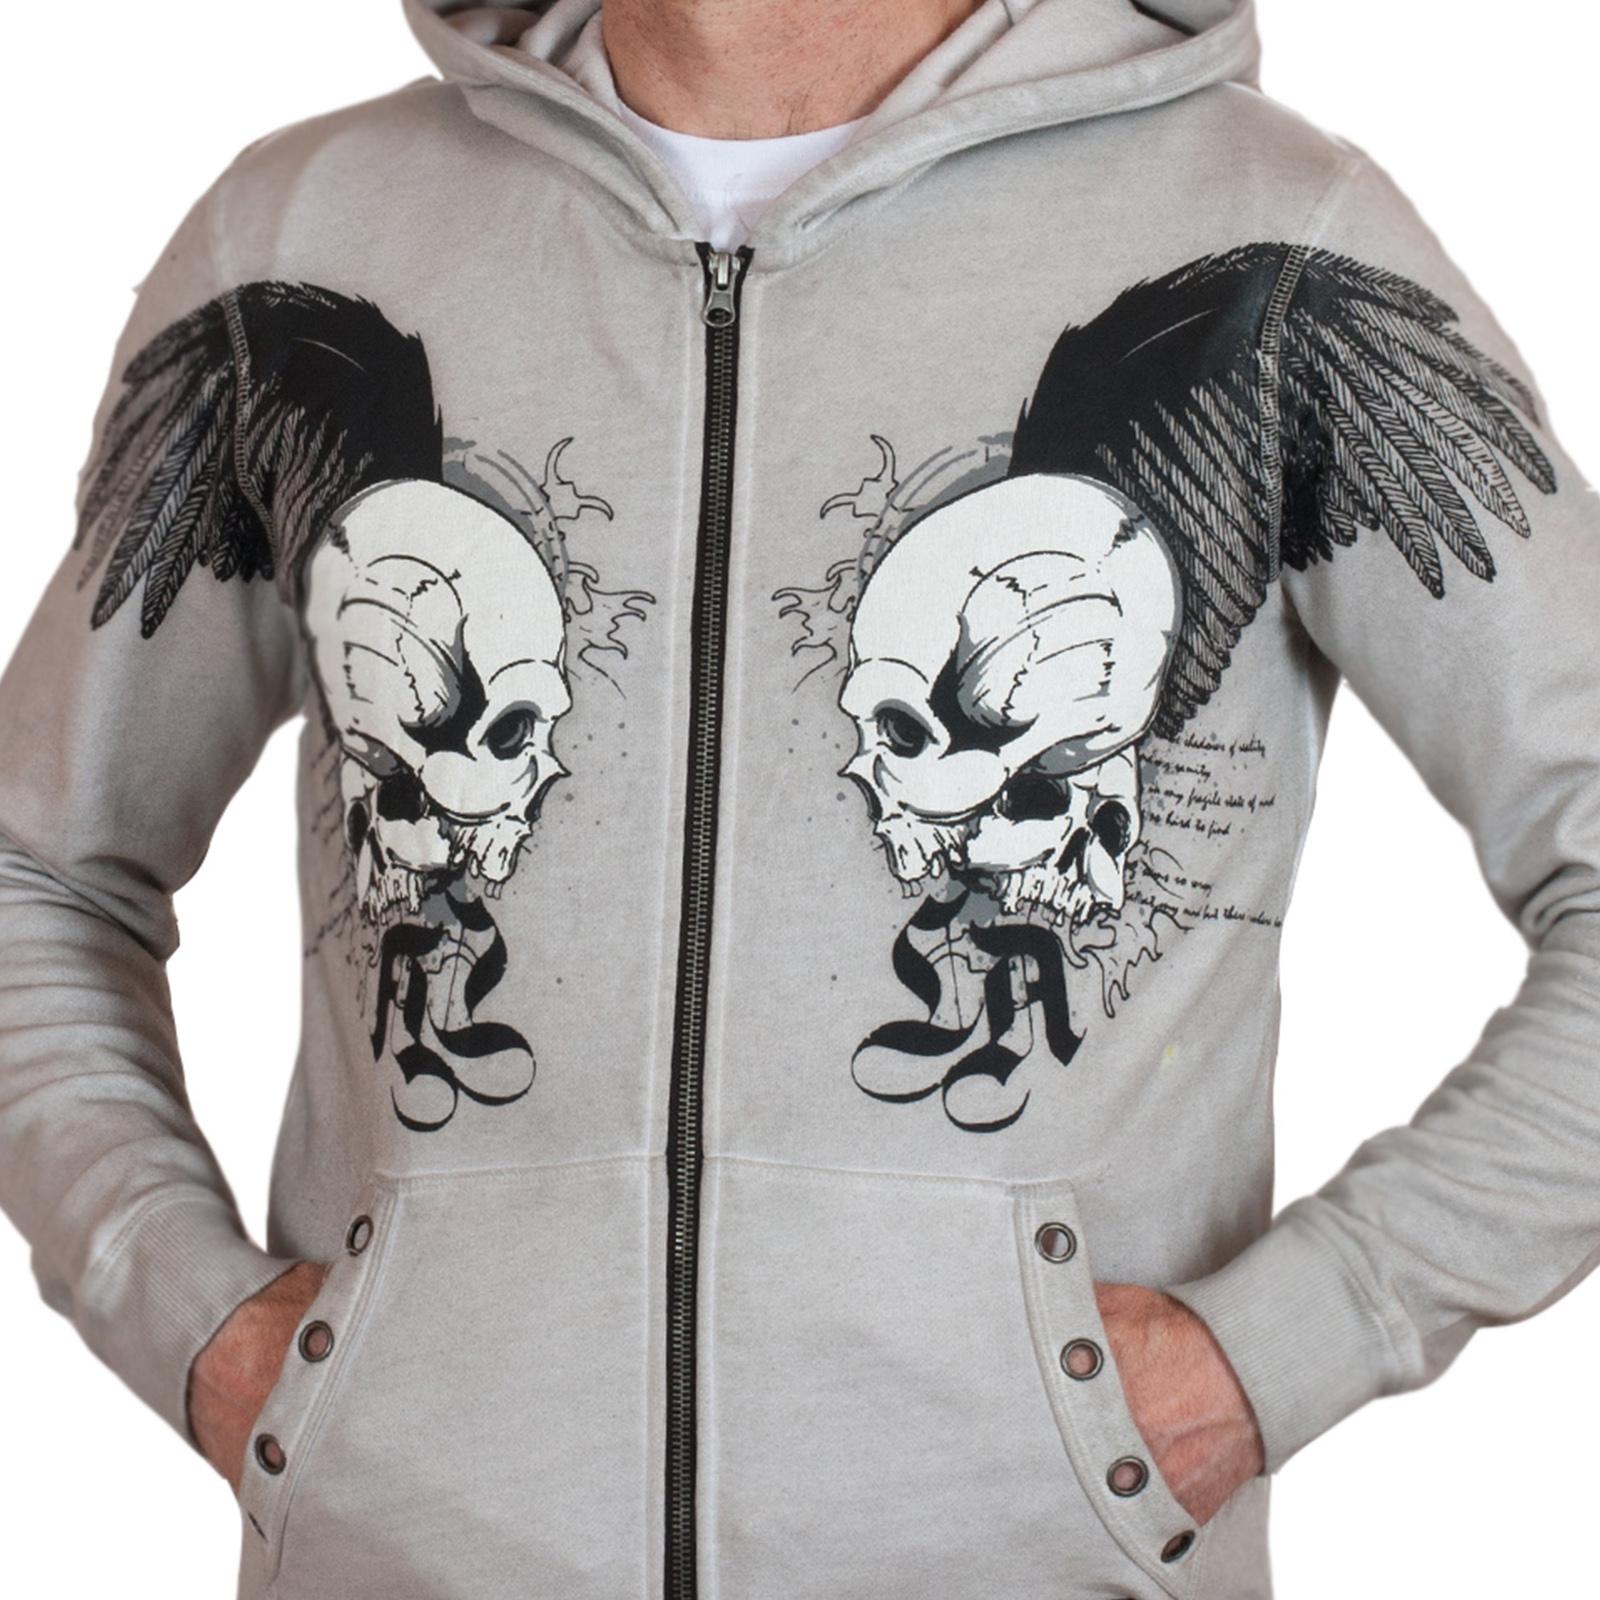 2ffc0ed515a4 Не все любят ходить на шопинг часами, поэтому для них есть интернет-магазины  недорогой брендовой одежды с доставкой ...